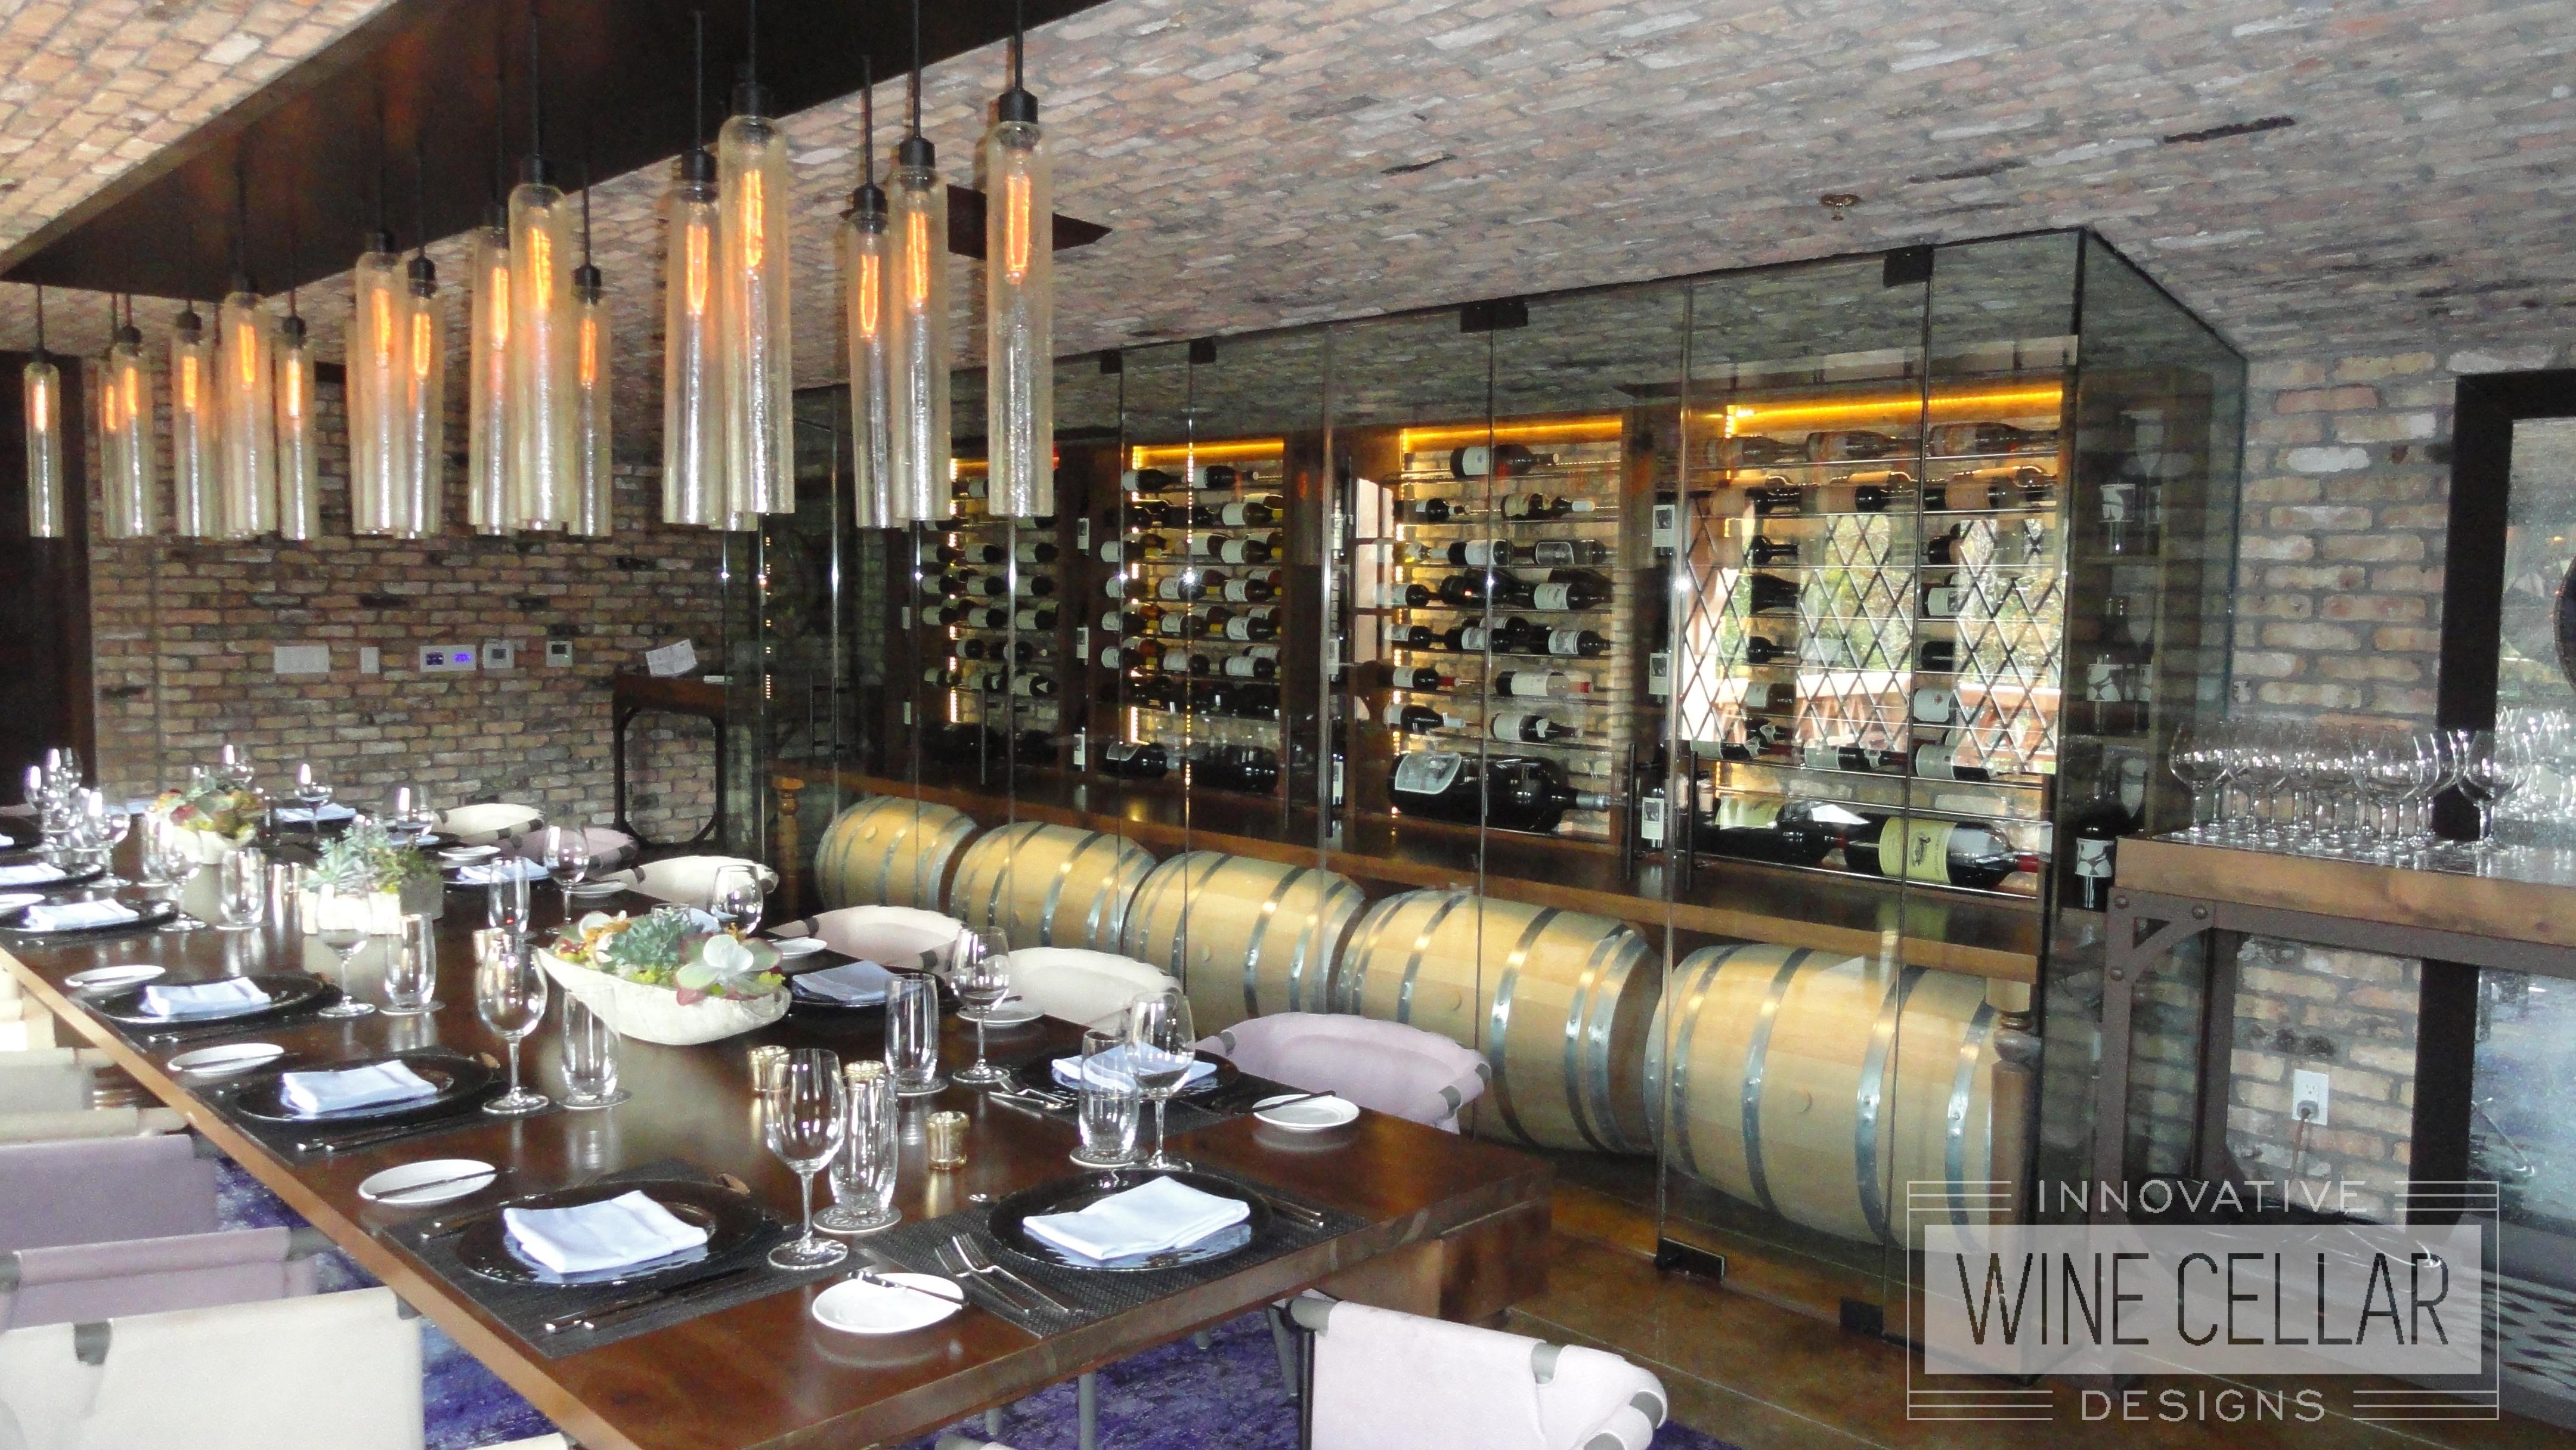 Glass Wine Cellar with Decorative Wine Barrels in Wine Cave